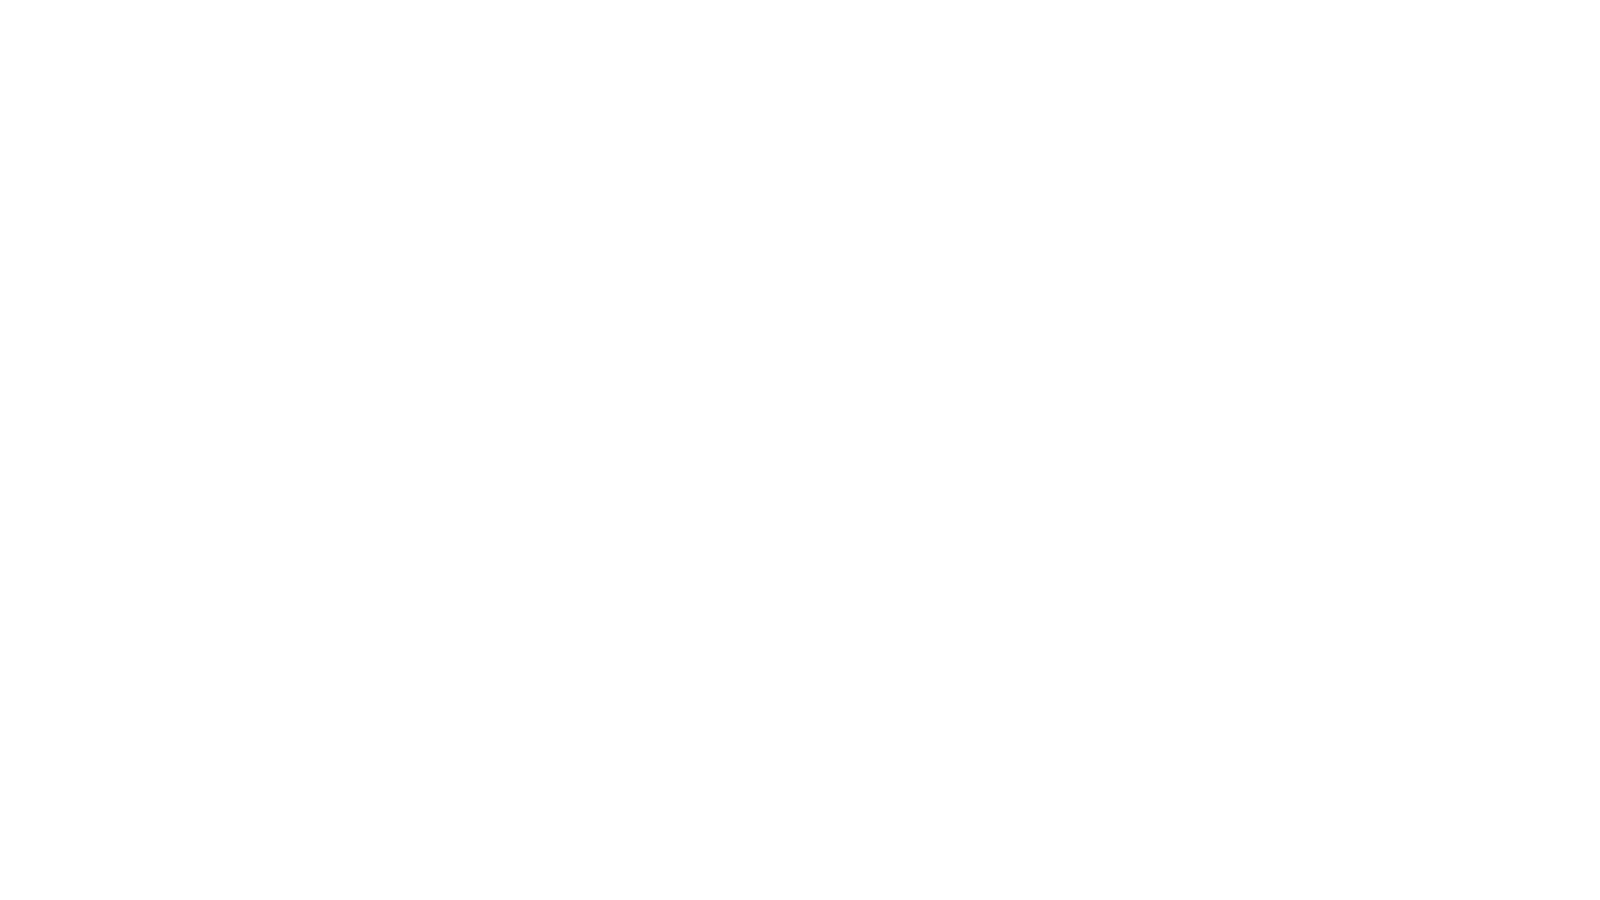 Aquí tenemos la última entrega de esta serie de entrevistas a @draweed_oficial en dónde cada vez aprendemos mucho más sobre cocina, cultivo y consumo y las maneras de como utilizar cada elemento 👩🏻🍳  Con ella aprenderás mucho sobre todo lo relacionado a estos temas, quédate con nosotros para seguir en la nota de mota 🤟🏻🌿  La entrevista completa está en MOTARADIO COM o en nuestro canal de #Youtube (link en nuestro perfil)  Esta entrevista fue patrocinada por @thelunaticcbd